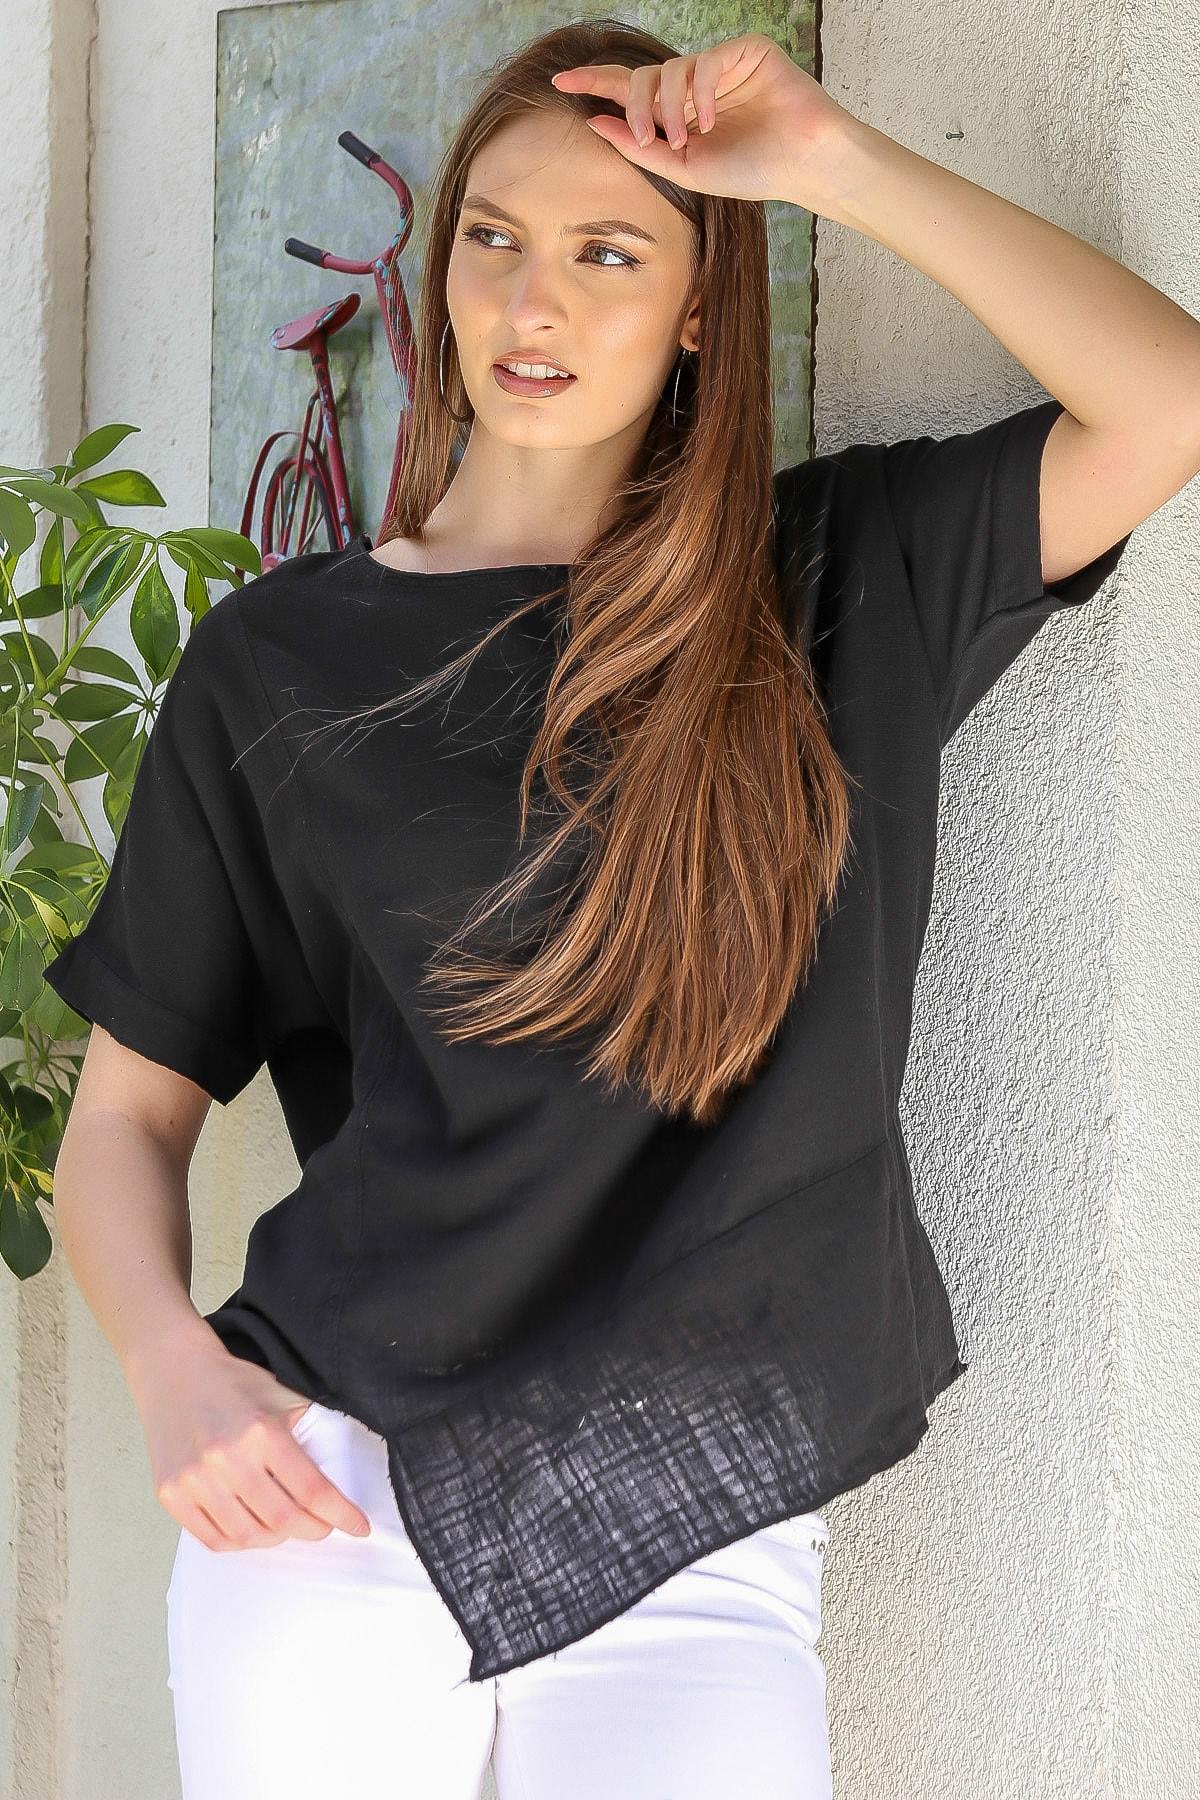 Chiccy Kadın Siyah Sıfır Yaka Etek Ucu Asimetrik Salaş Dokuma Bluz M10010200BL95409